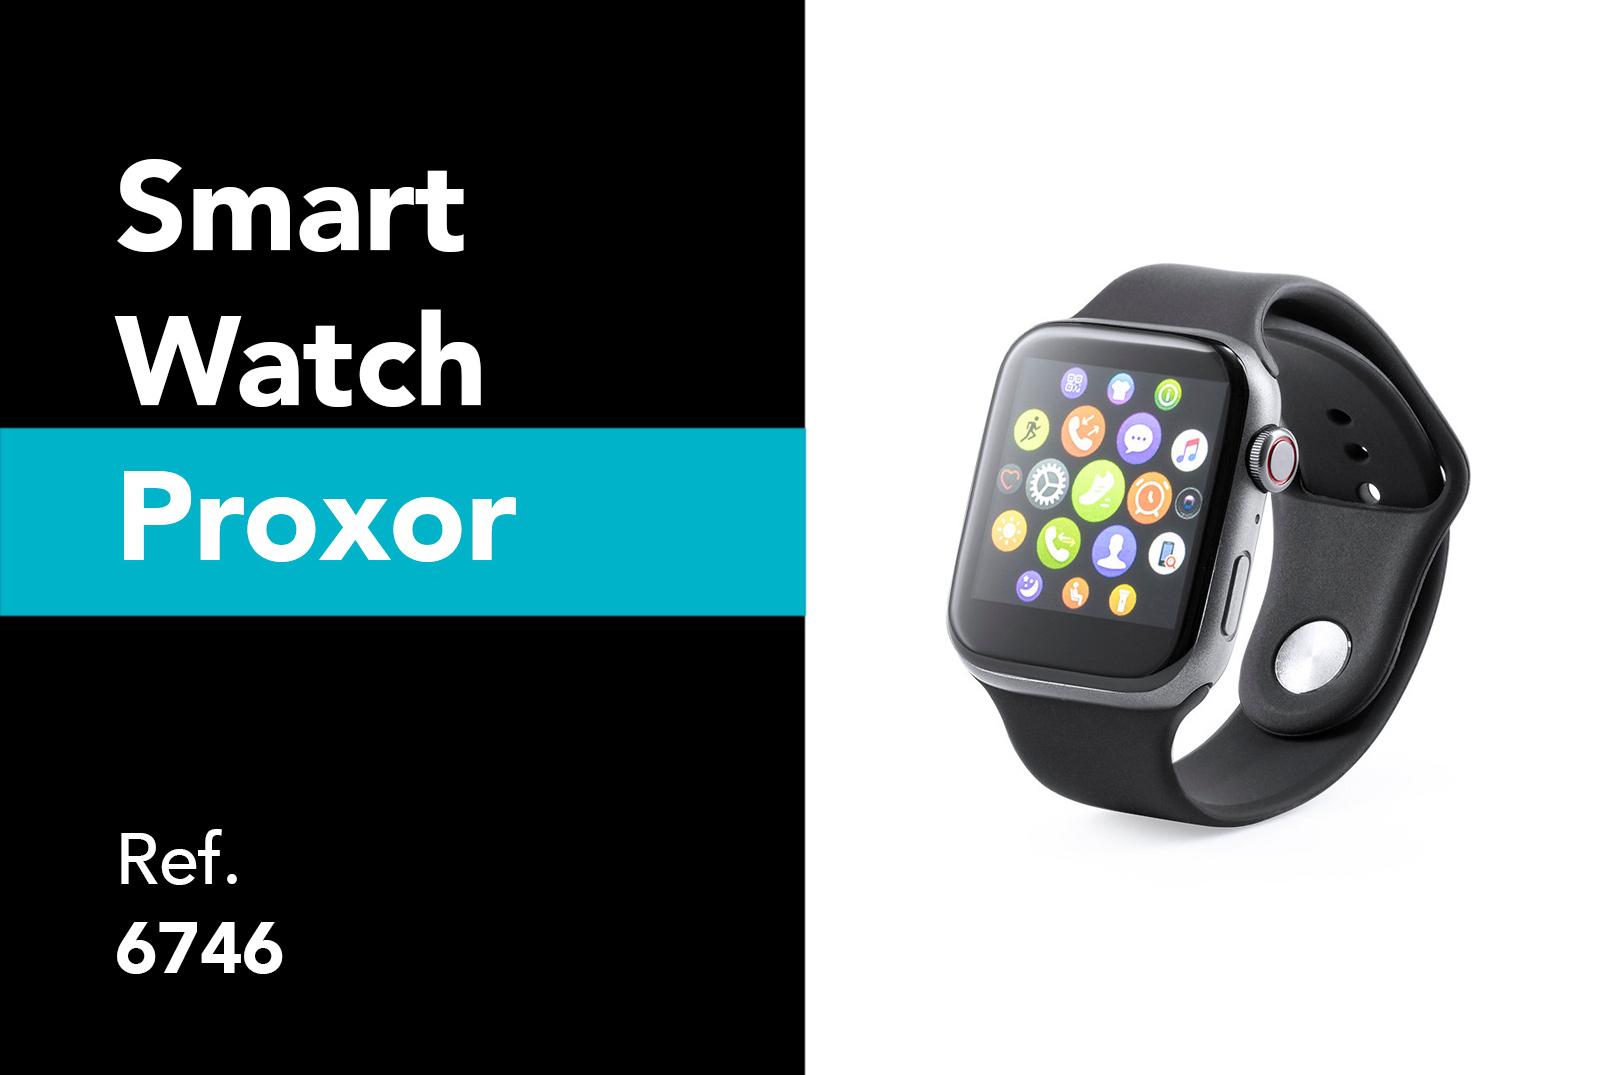 6746-smart-watch-Proxor-1613x1075